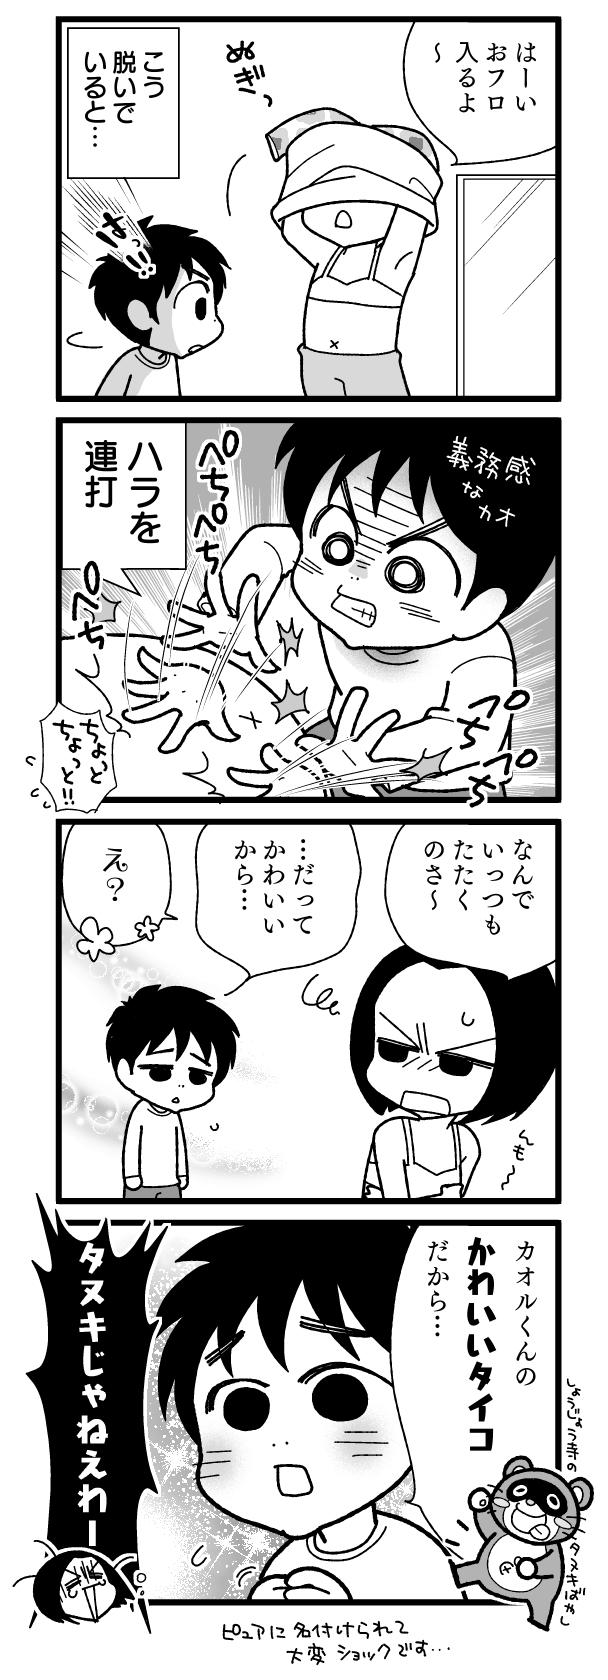 漫画『怒涛のにゅーじヨージ』Vol.197「認めたくない案件」 1コマ目